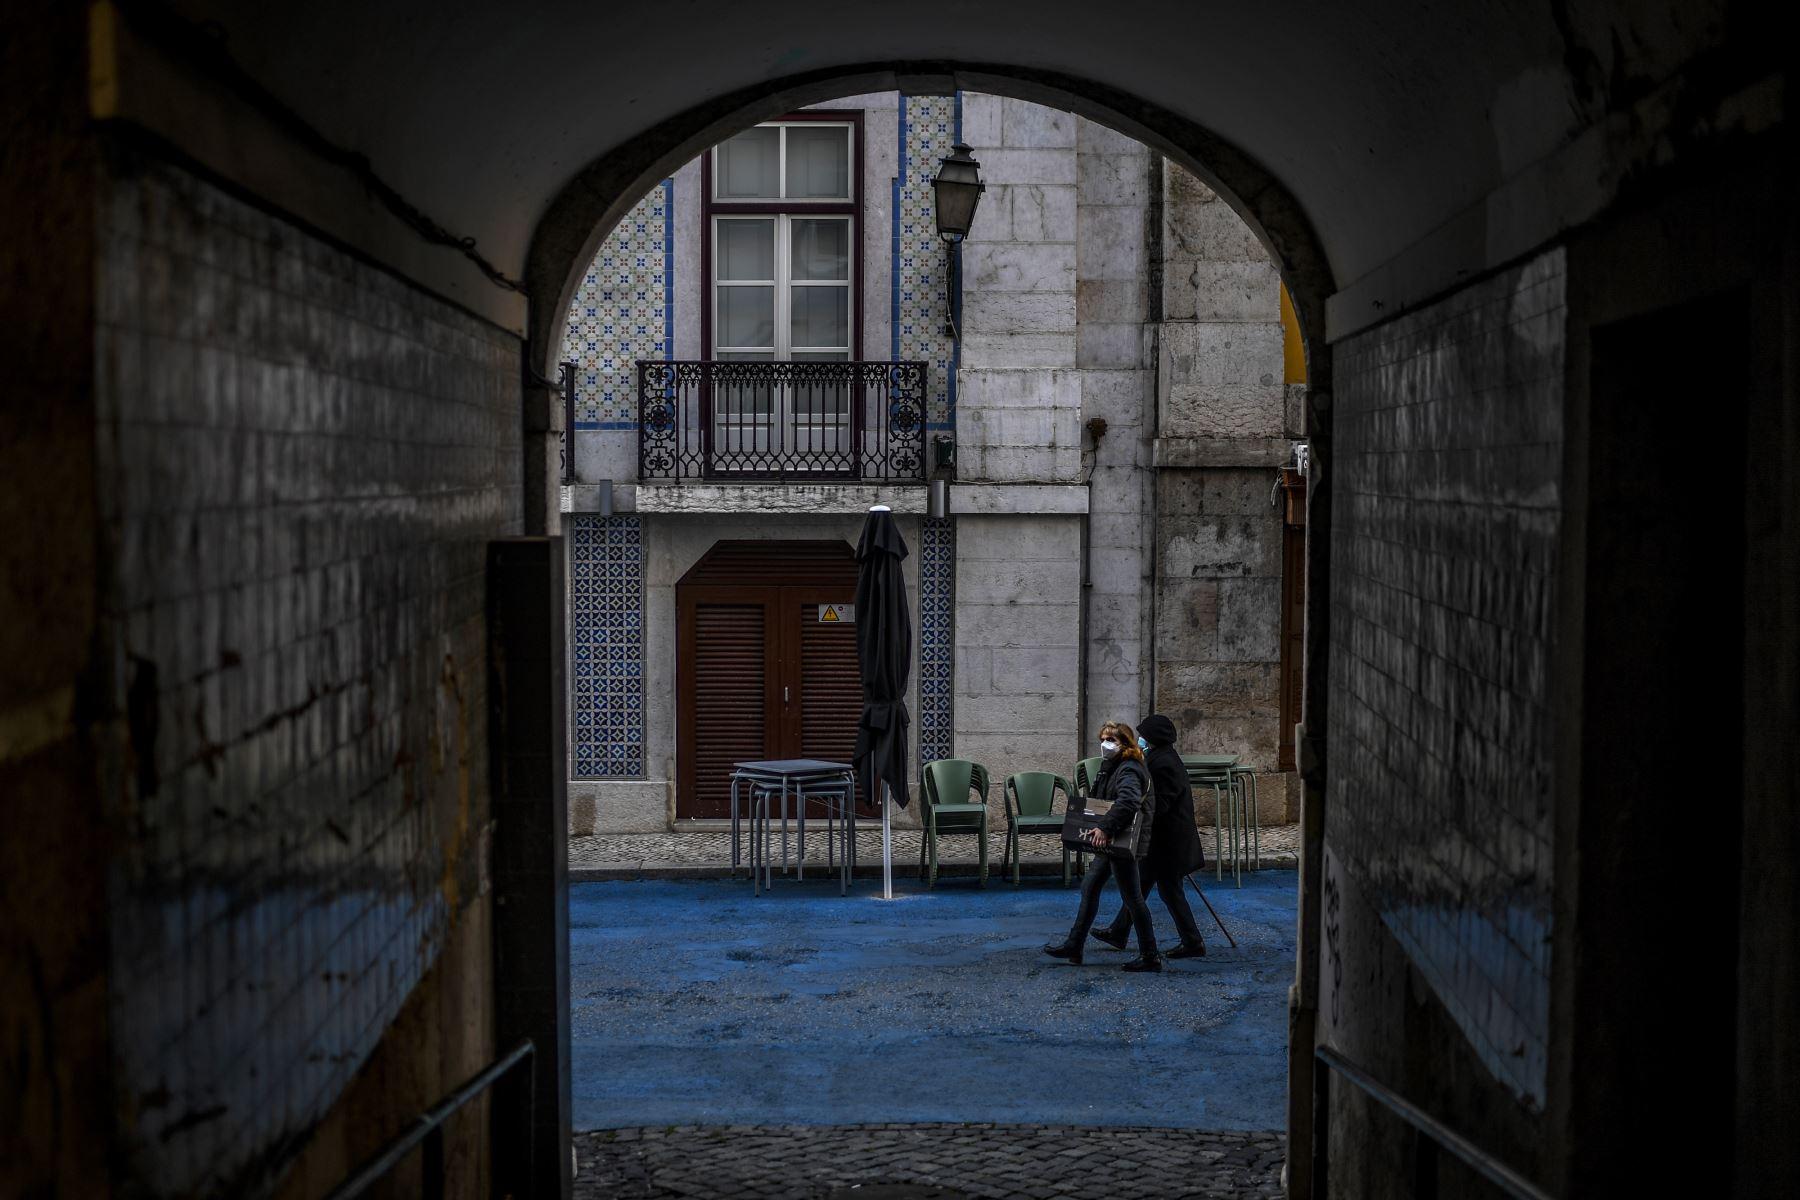 Mujeres con mascarillas pasan frente a un restaurante cerrado en Lisboa Portugal, que entró en un nuevo bloqueo por un aumento en los casos de coronavirus. El nuevo coronavirus ha matado al menos a 1.994.833 personas. Foto:AFP